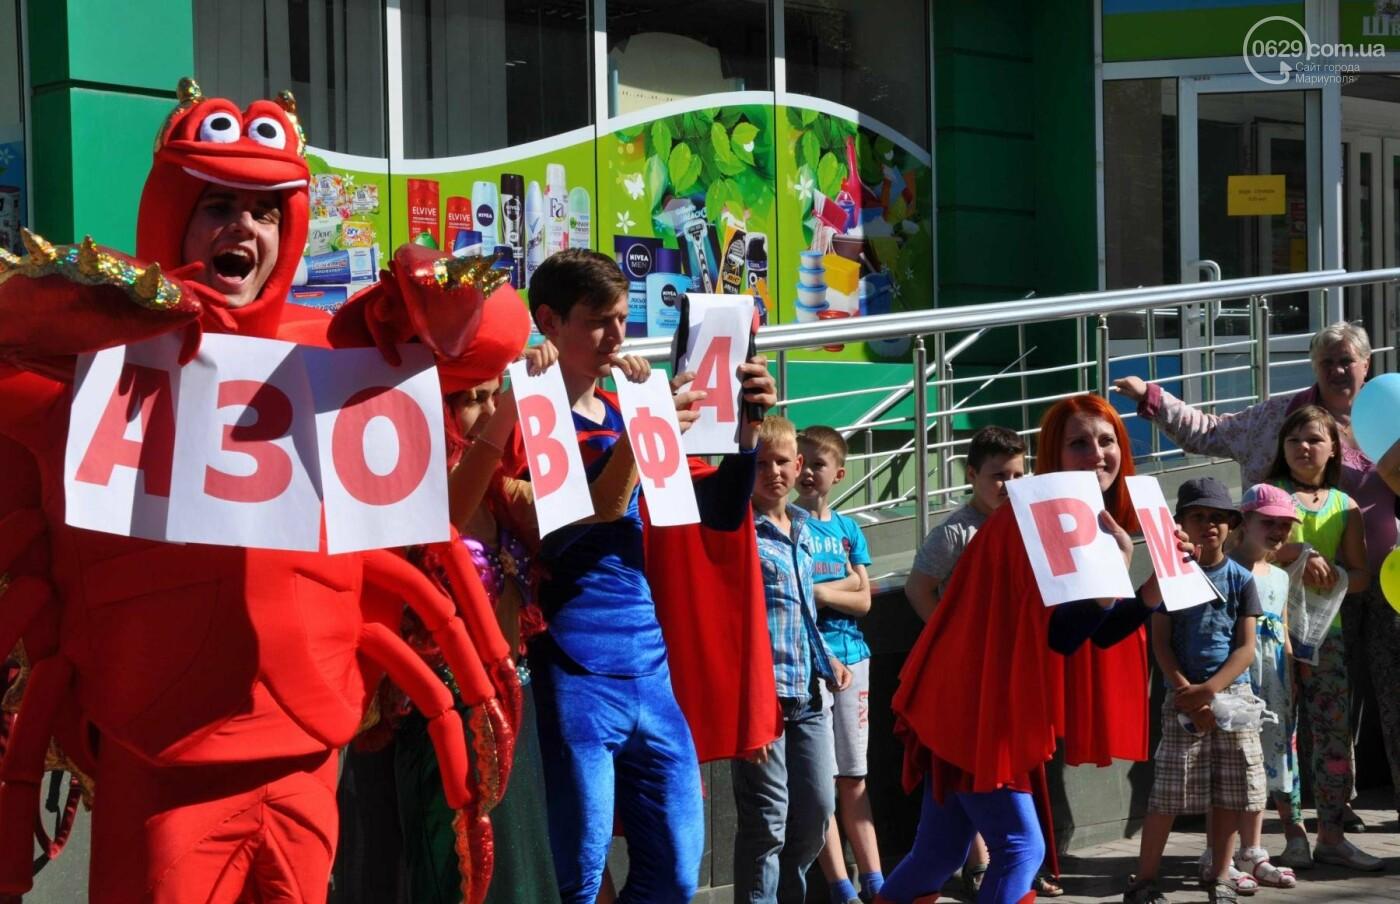 В аптеке «Азовфарм» провели праздник для детей и разыграли призы, фото-2